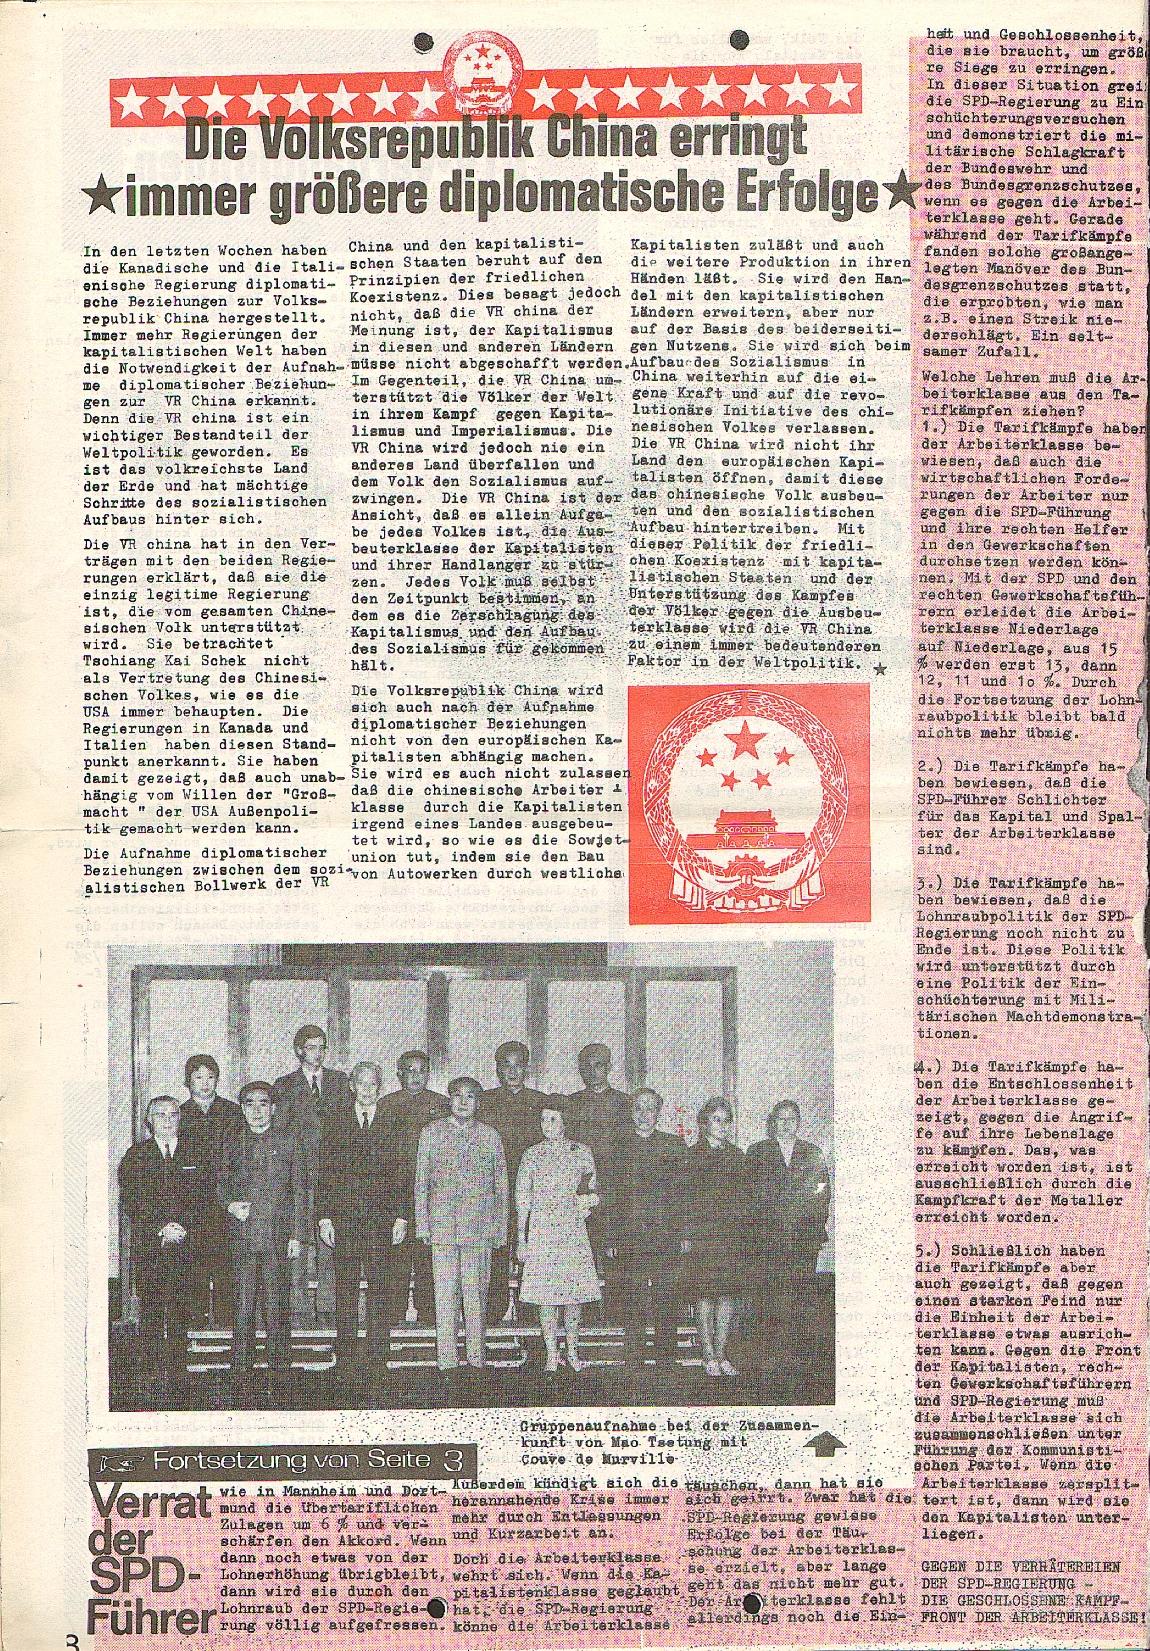 Rote Fahne, 1. Jg., 23.11.1970, Nr. 4, Seite 8